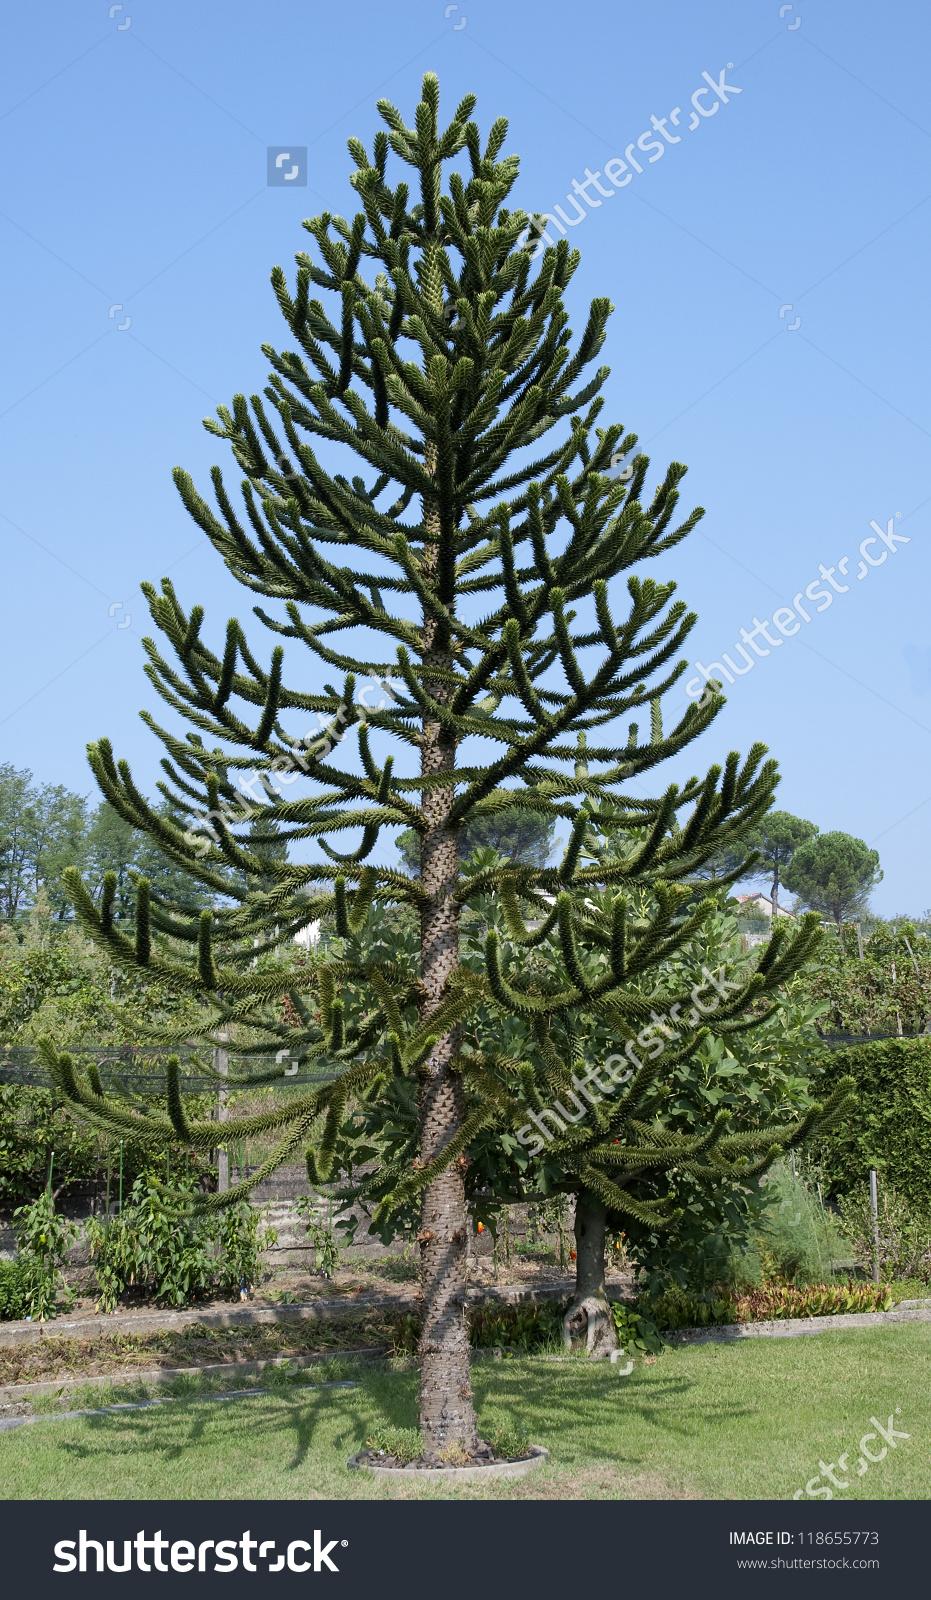 Araucaria Araucana Monkey Puzzle Tree Stock Photo 118655773.